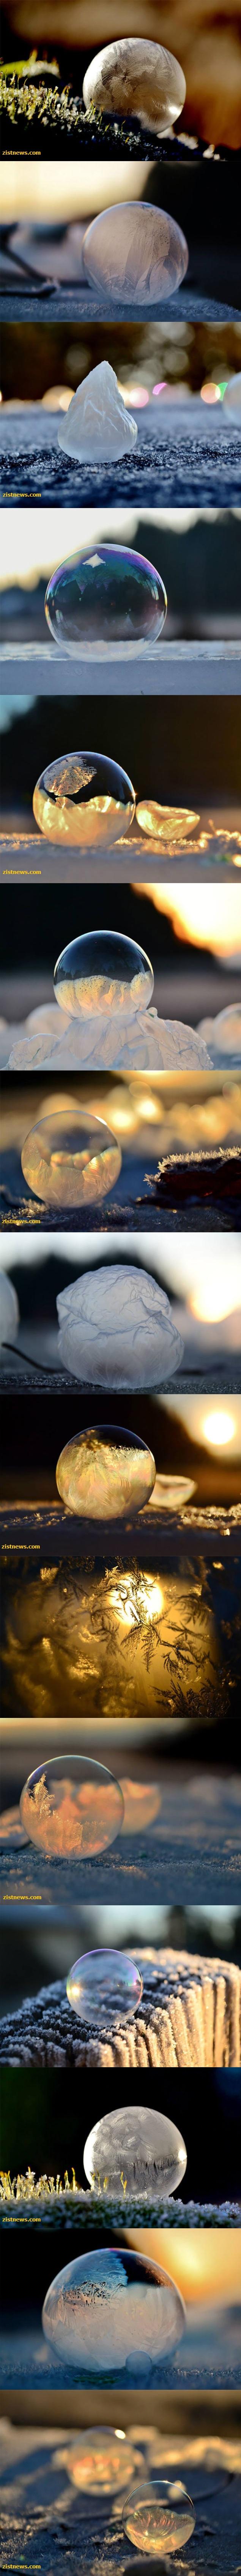 تصاویر/ زندگی در حباب